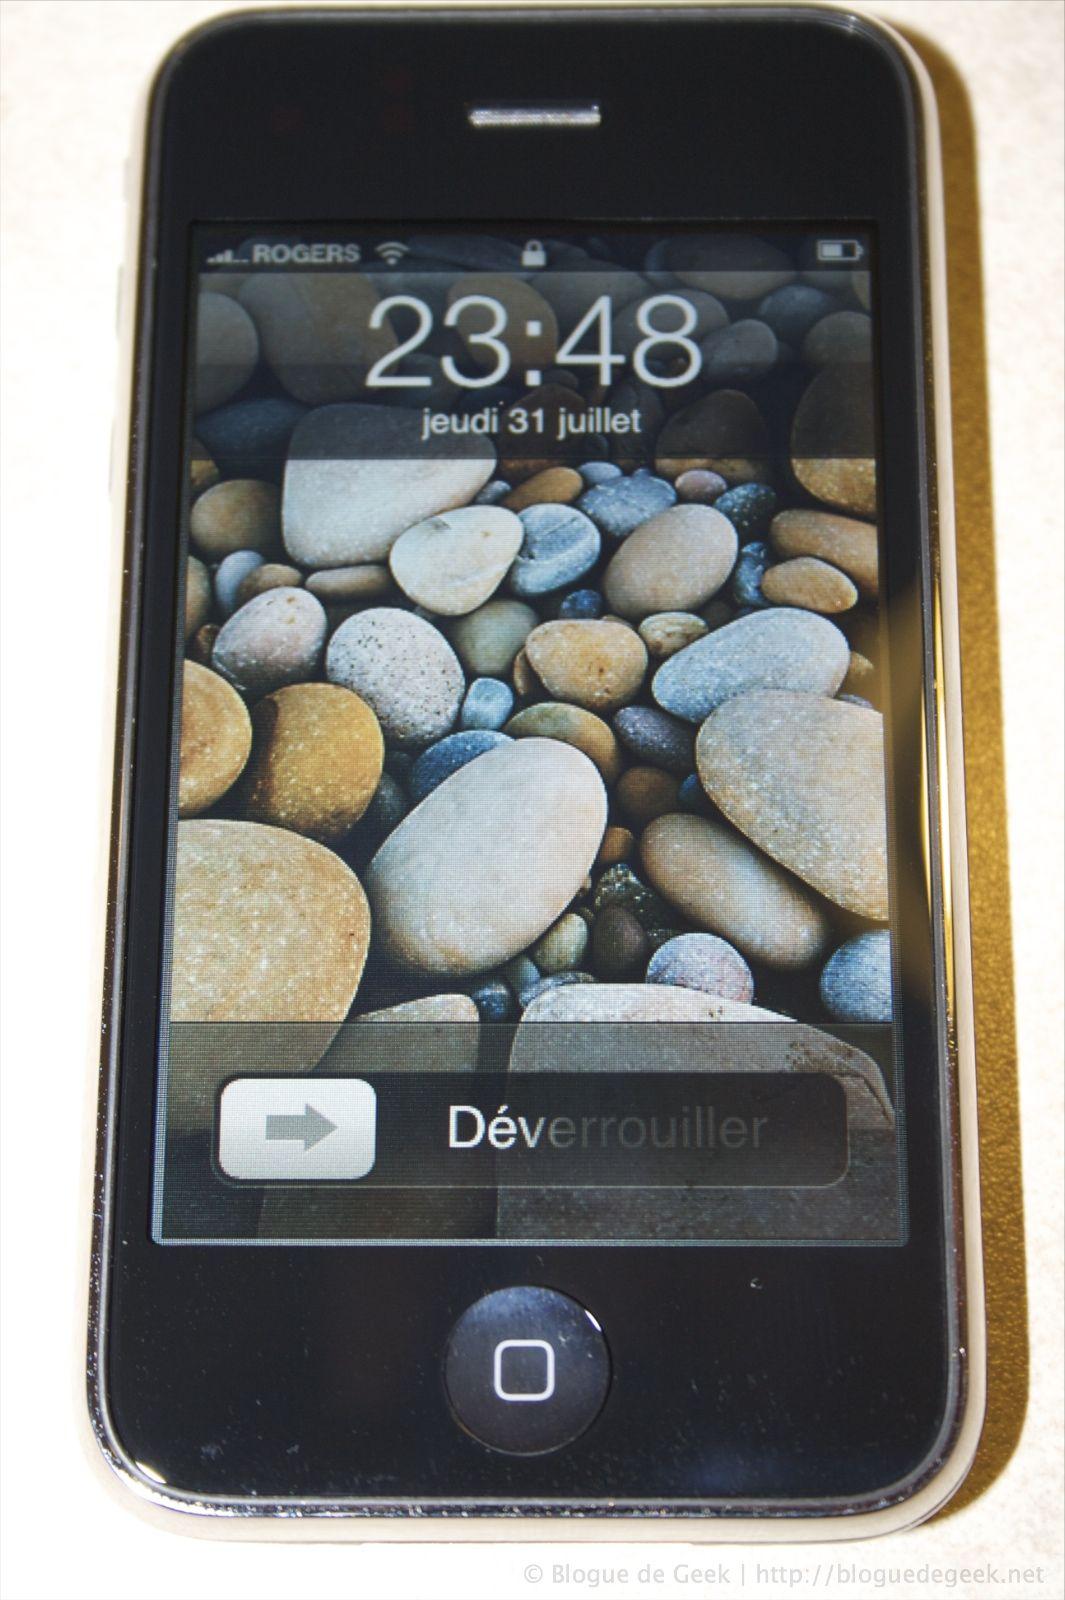 img 263312 - iPhone 3G avec Rogers au Canada [Évaluation]